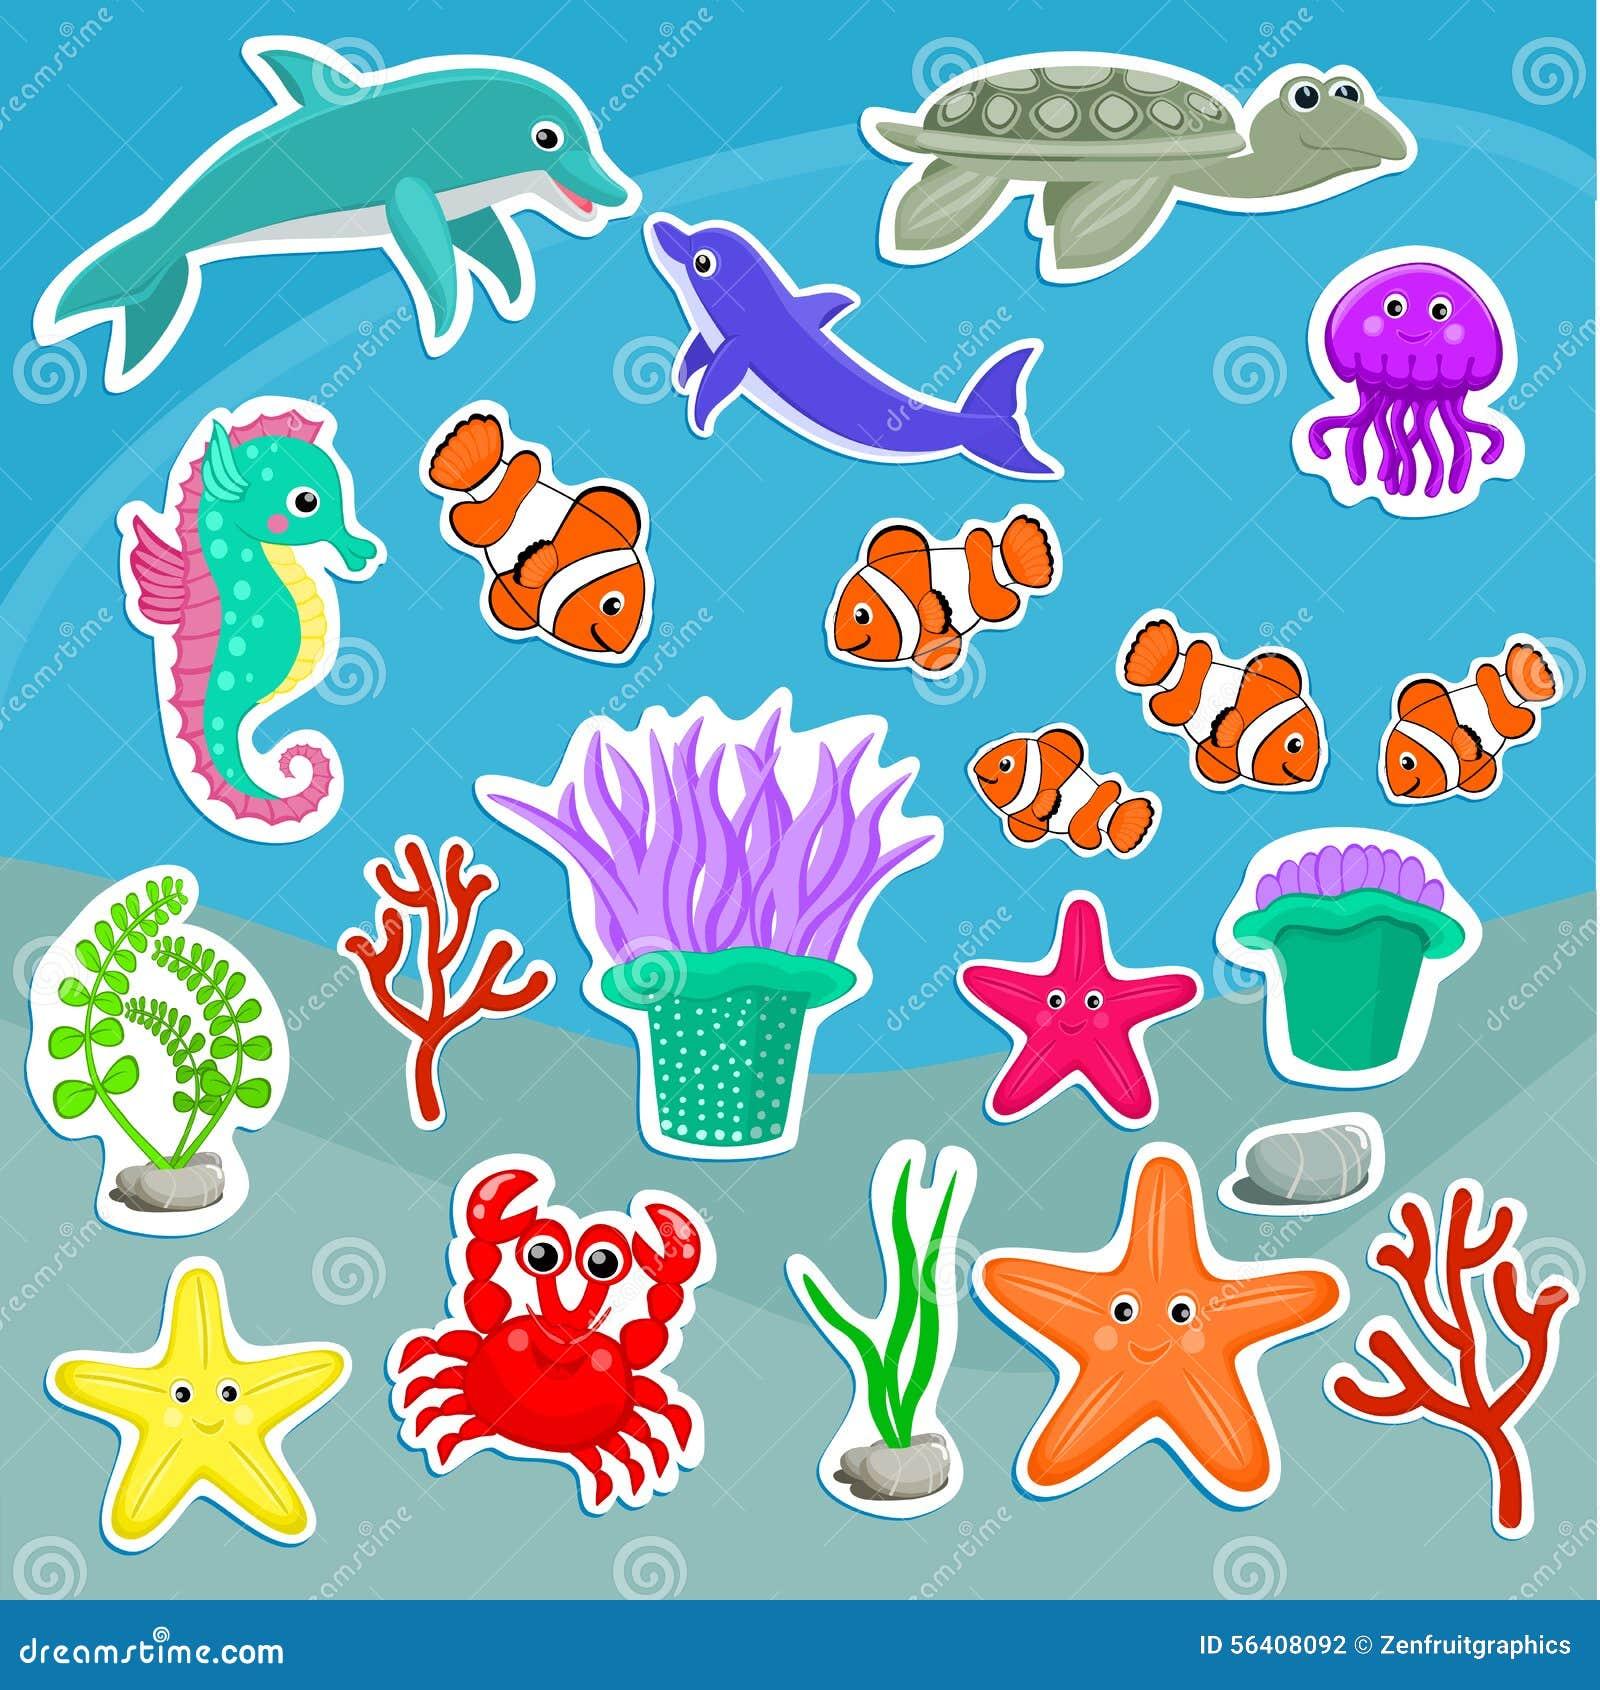 水母,海豚,螃蟹,乌龟,海葵,小丑鱼,海象,珊瑚, s图片